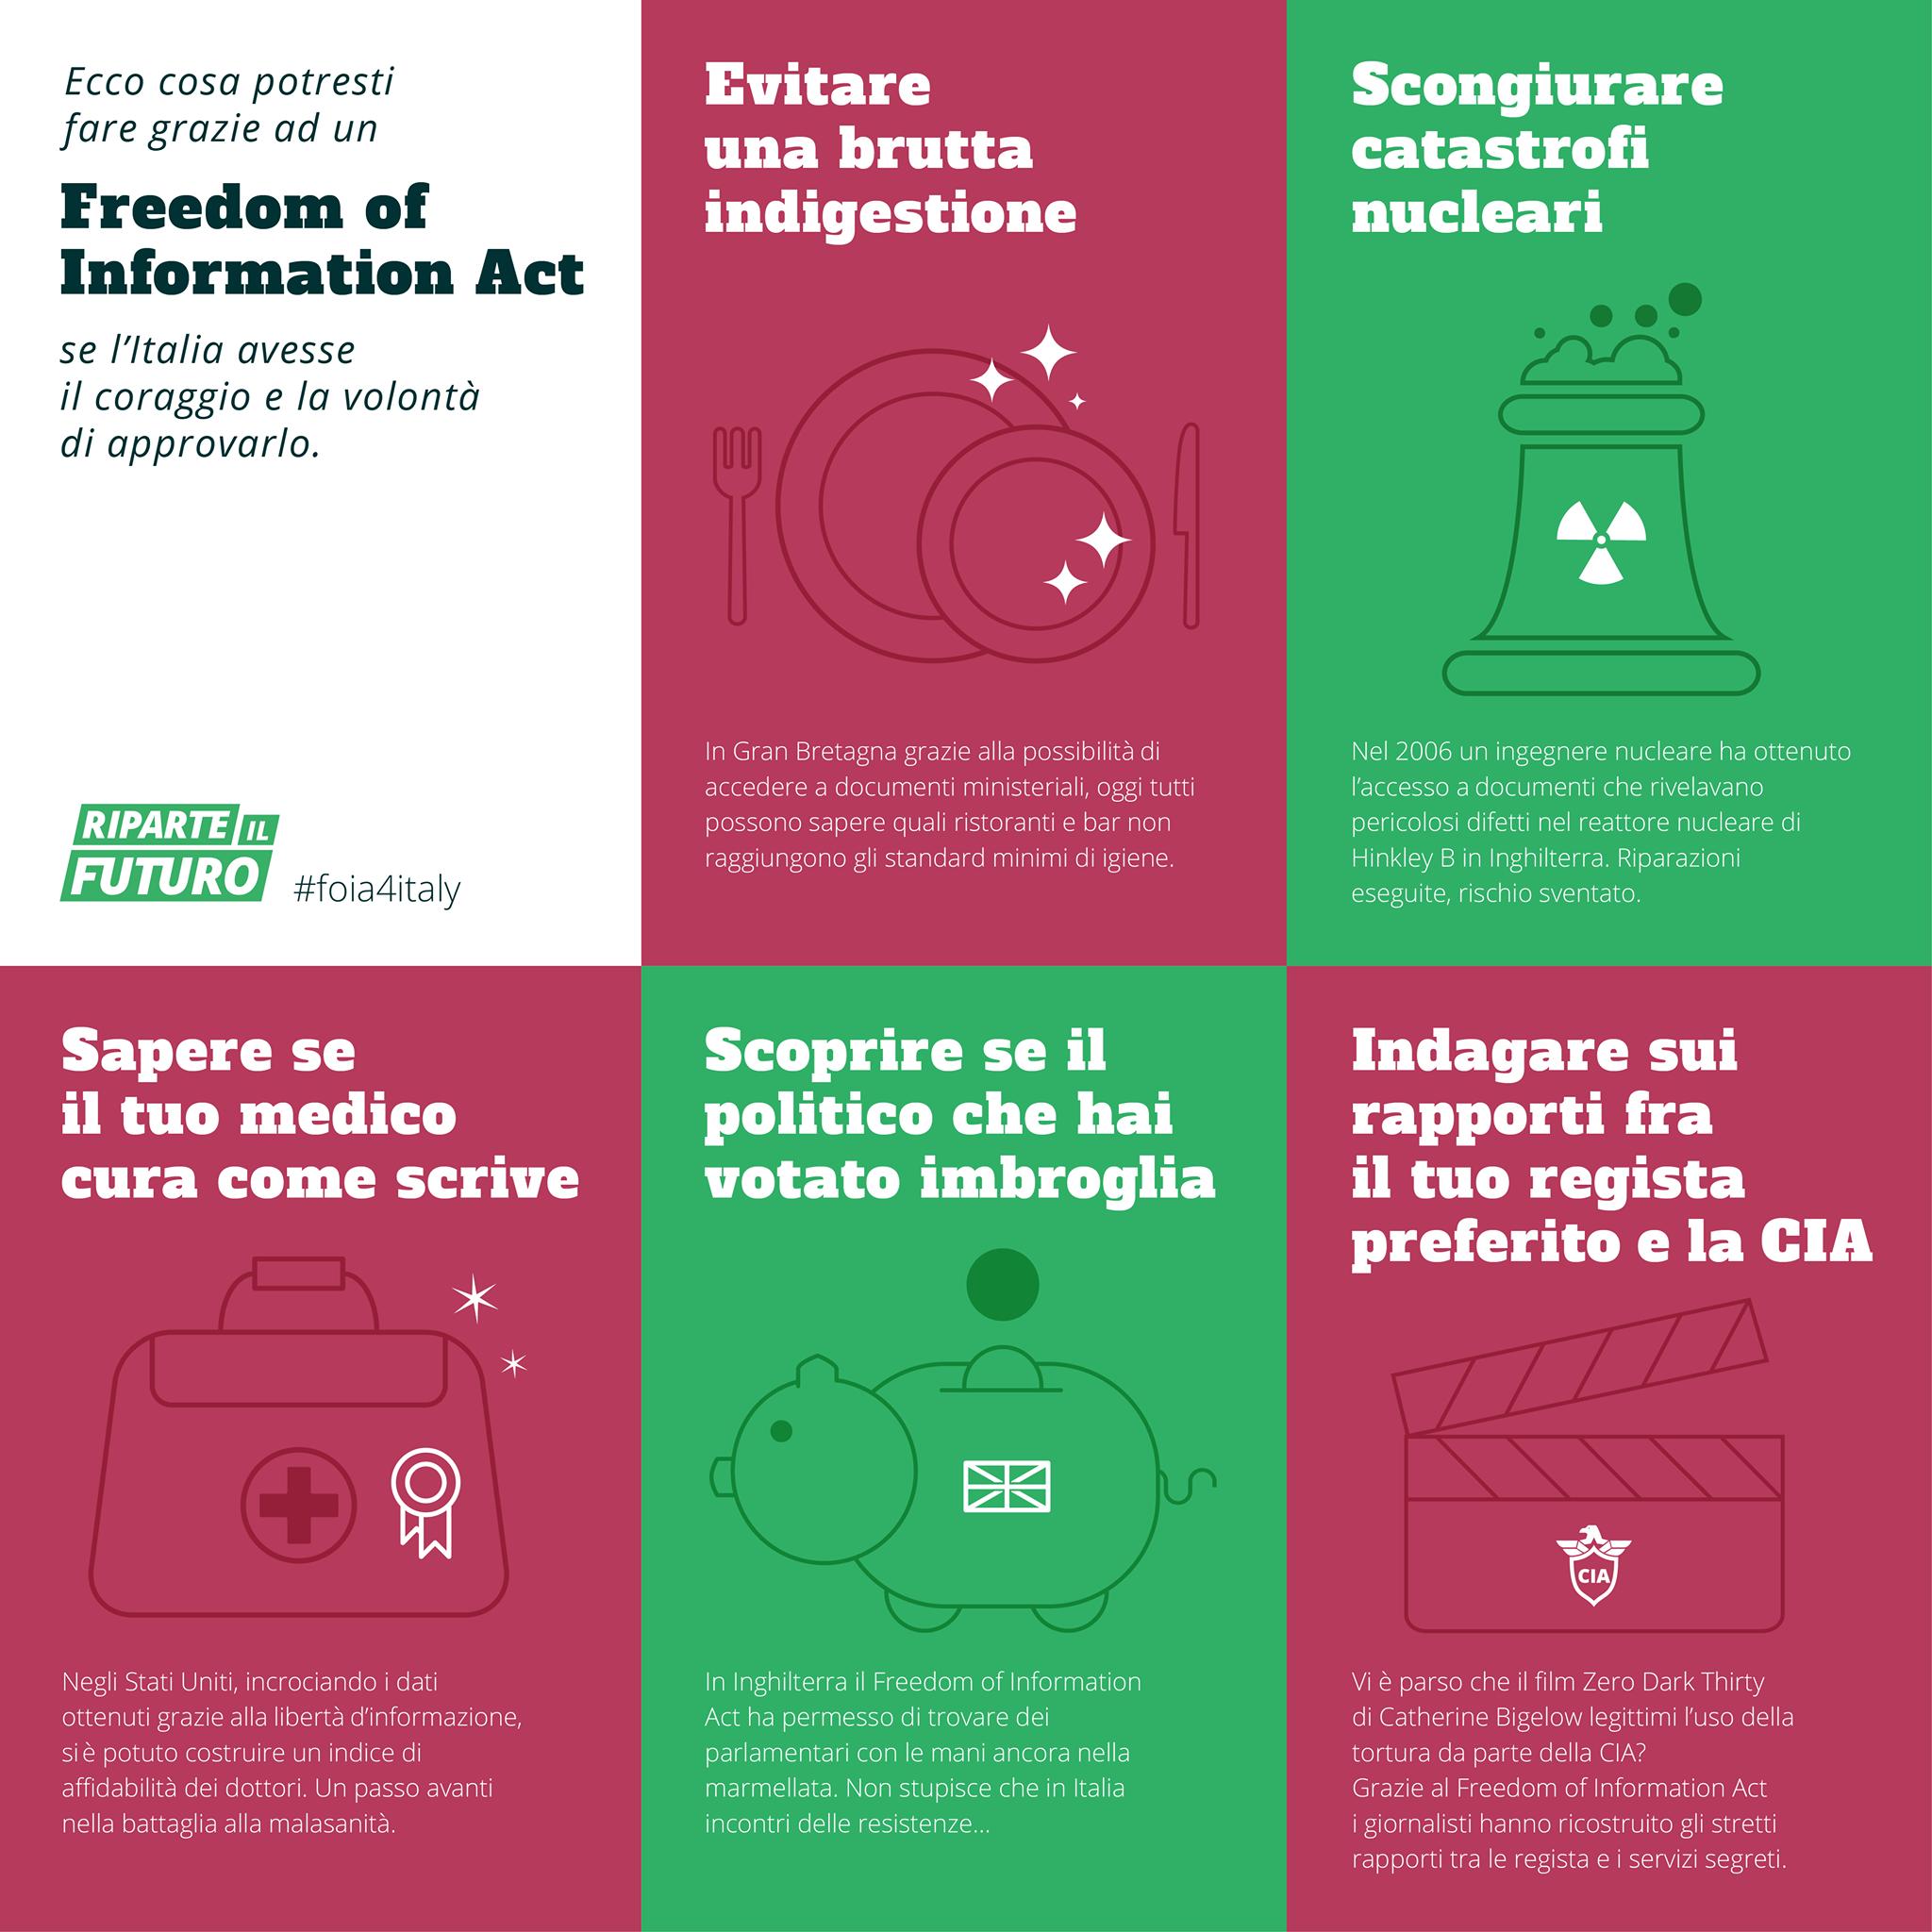 Reasons why we need the FOIA - Riparte il Futuro